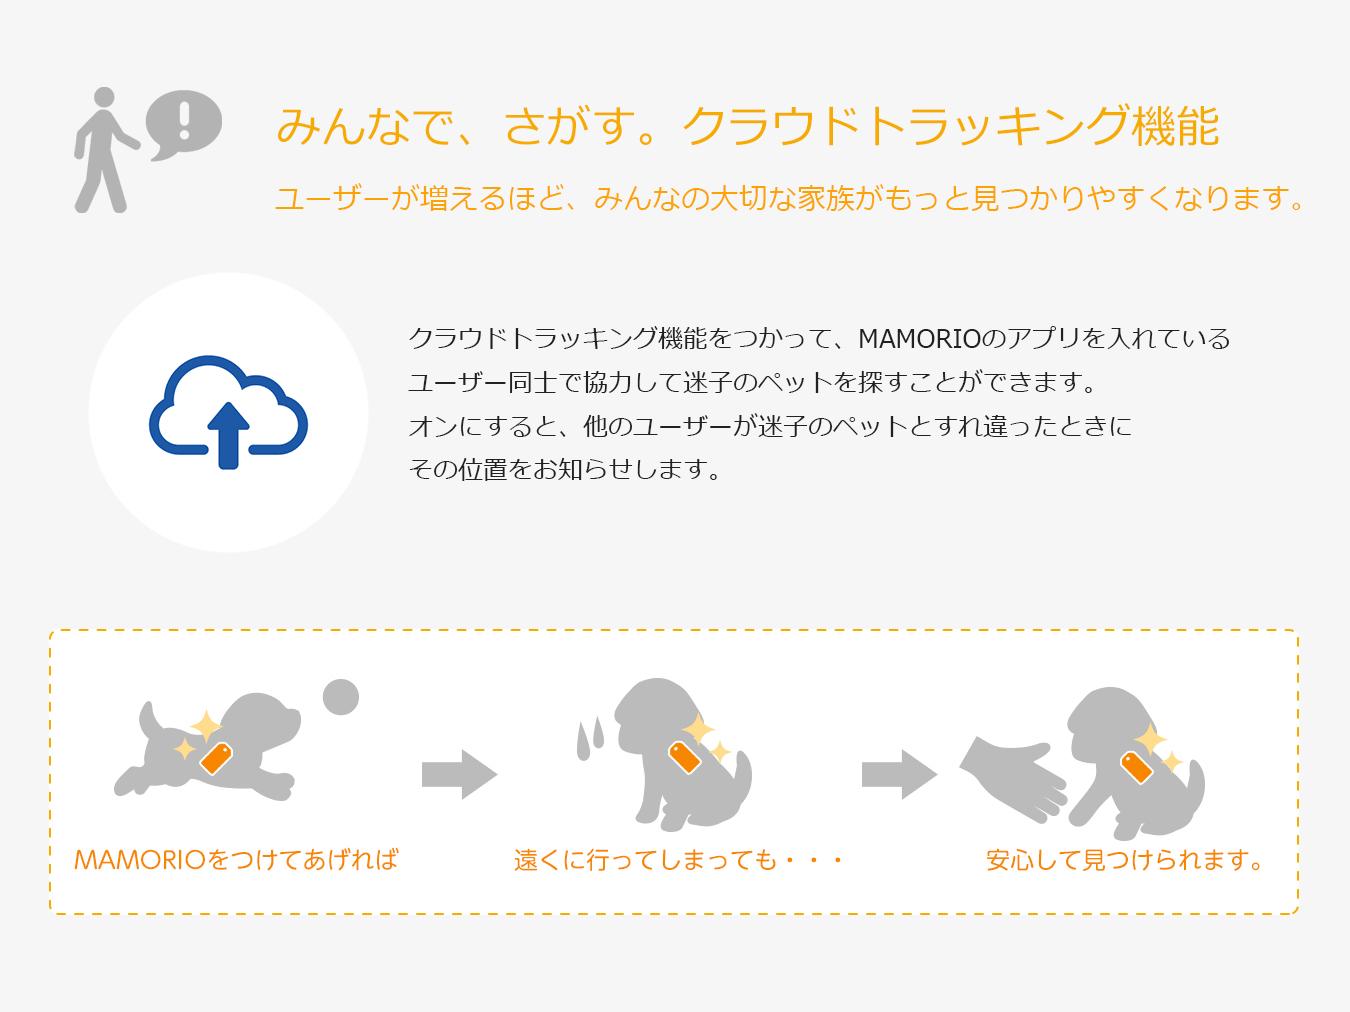 FanimalがMAMORIOとの連携で「迷子をなくす」機能を搭載した ペットのためのアプリ「ペットの体重カレンダー〜Fanimalアプリ」を配信開始 | Fanimal(ファニマル)